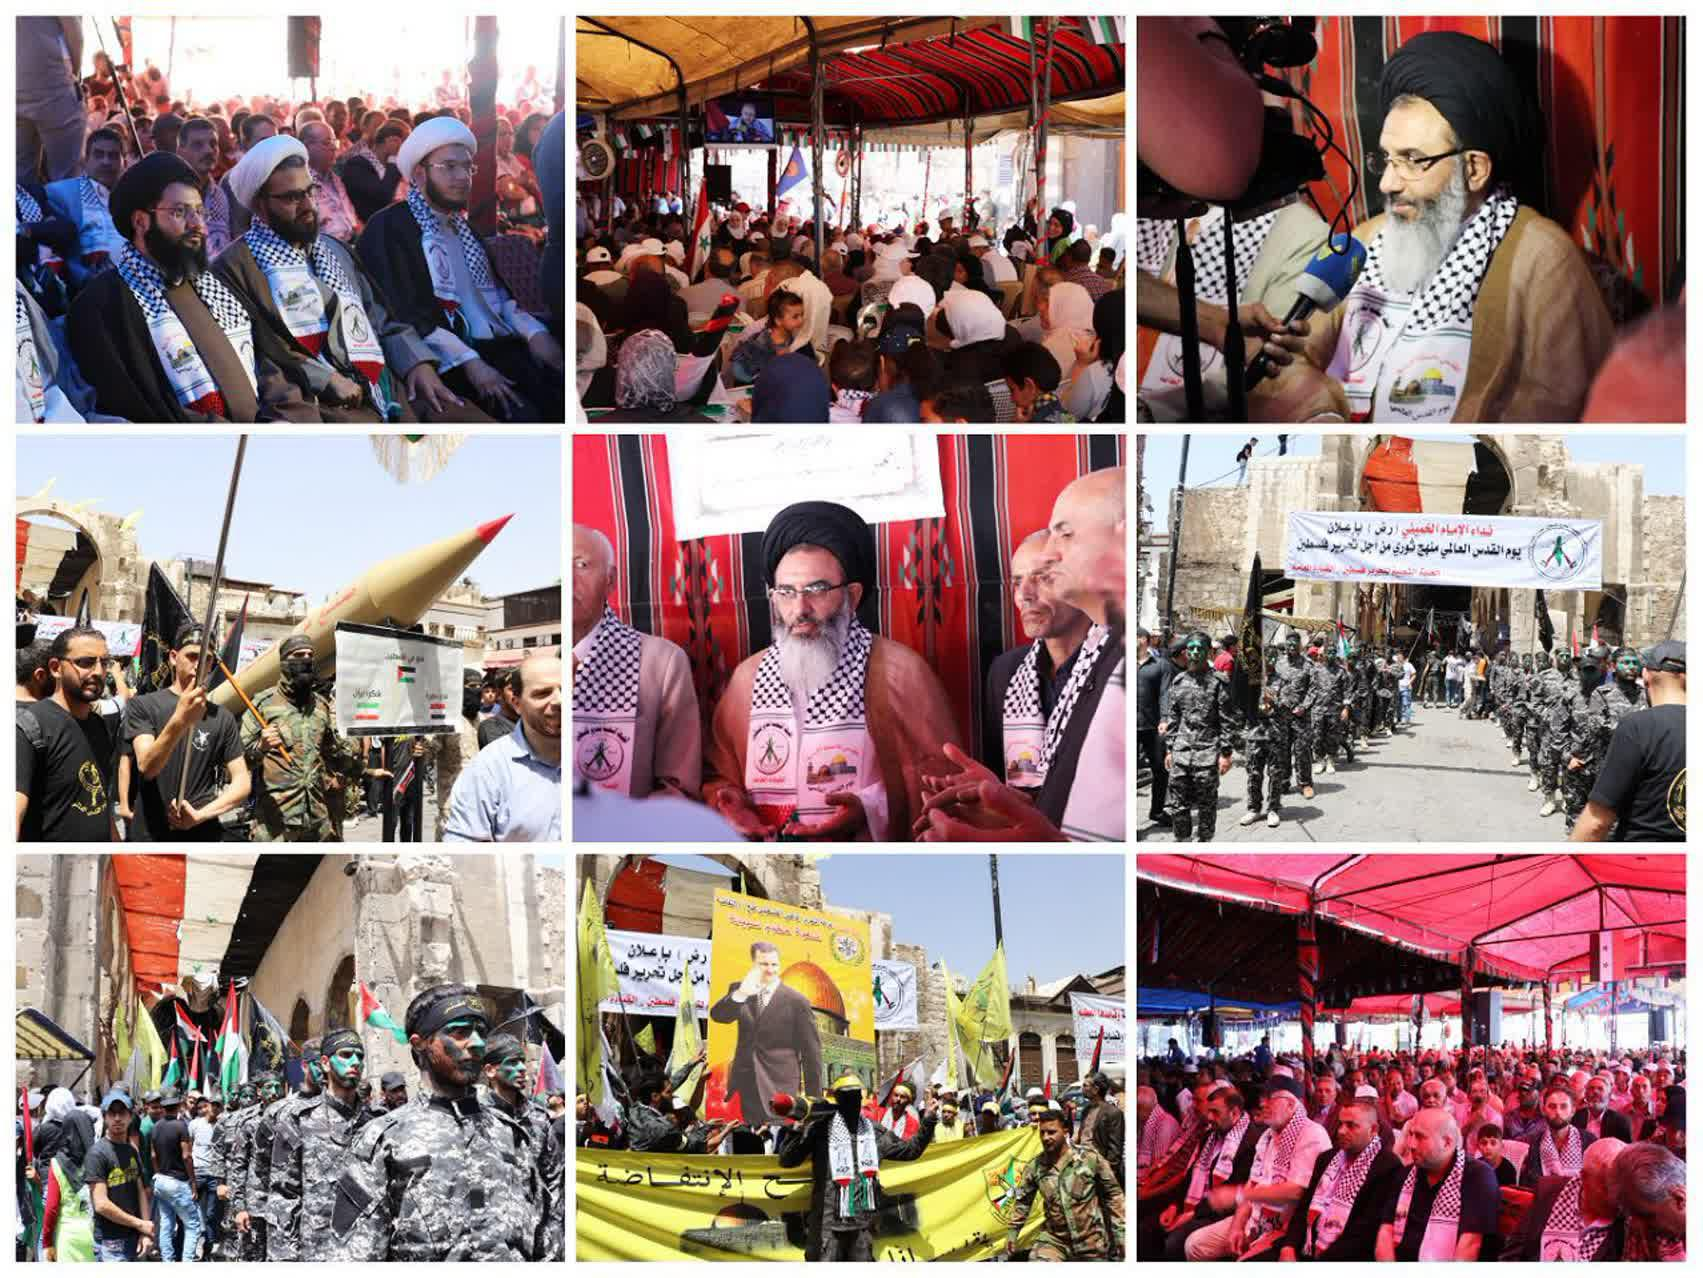 راهپیمایی روز قدس با حضور نماینده ولی فقیه در سوریه برگزار شد